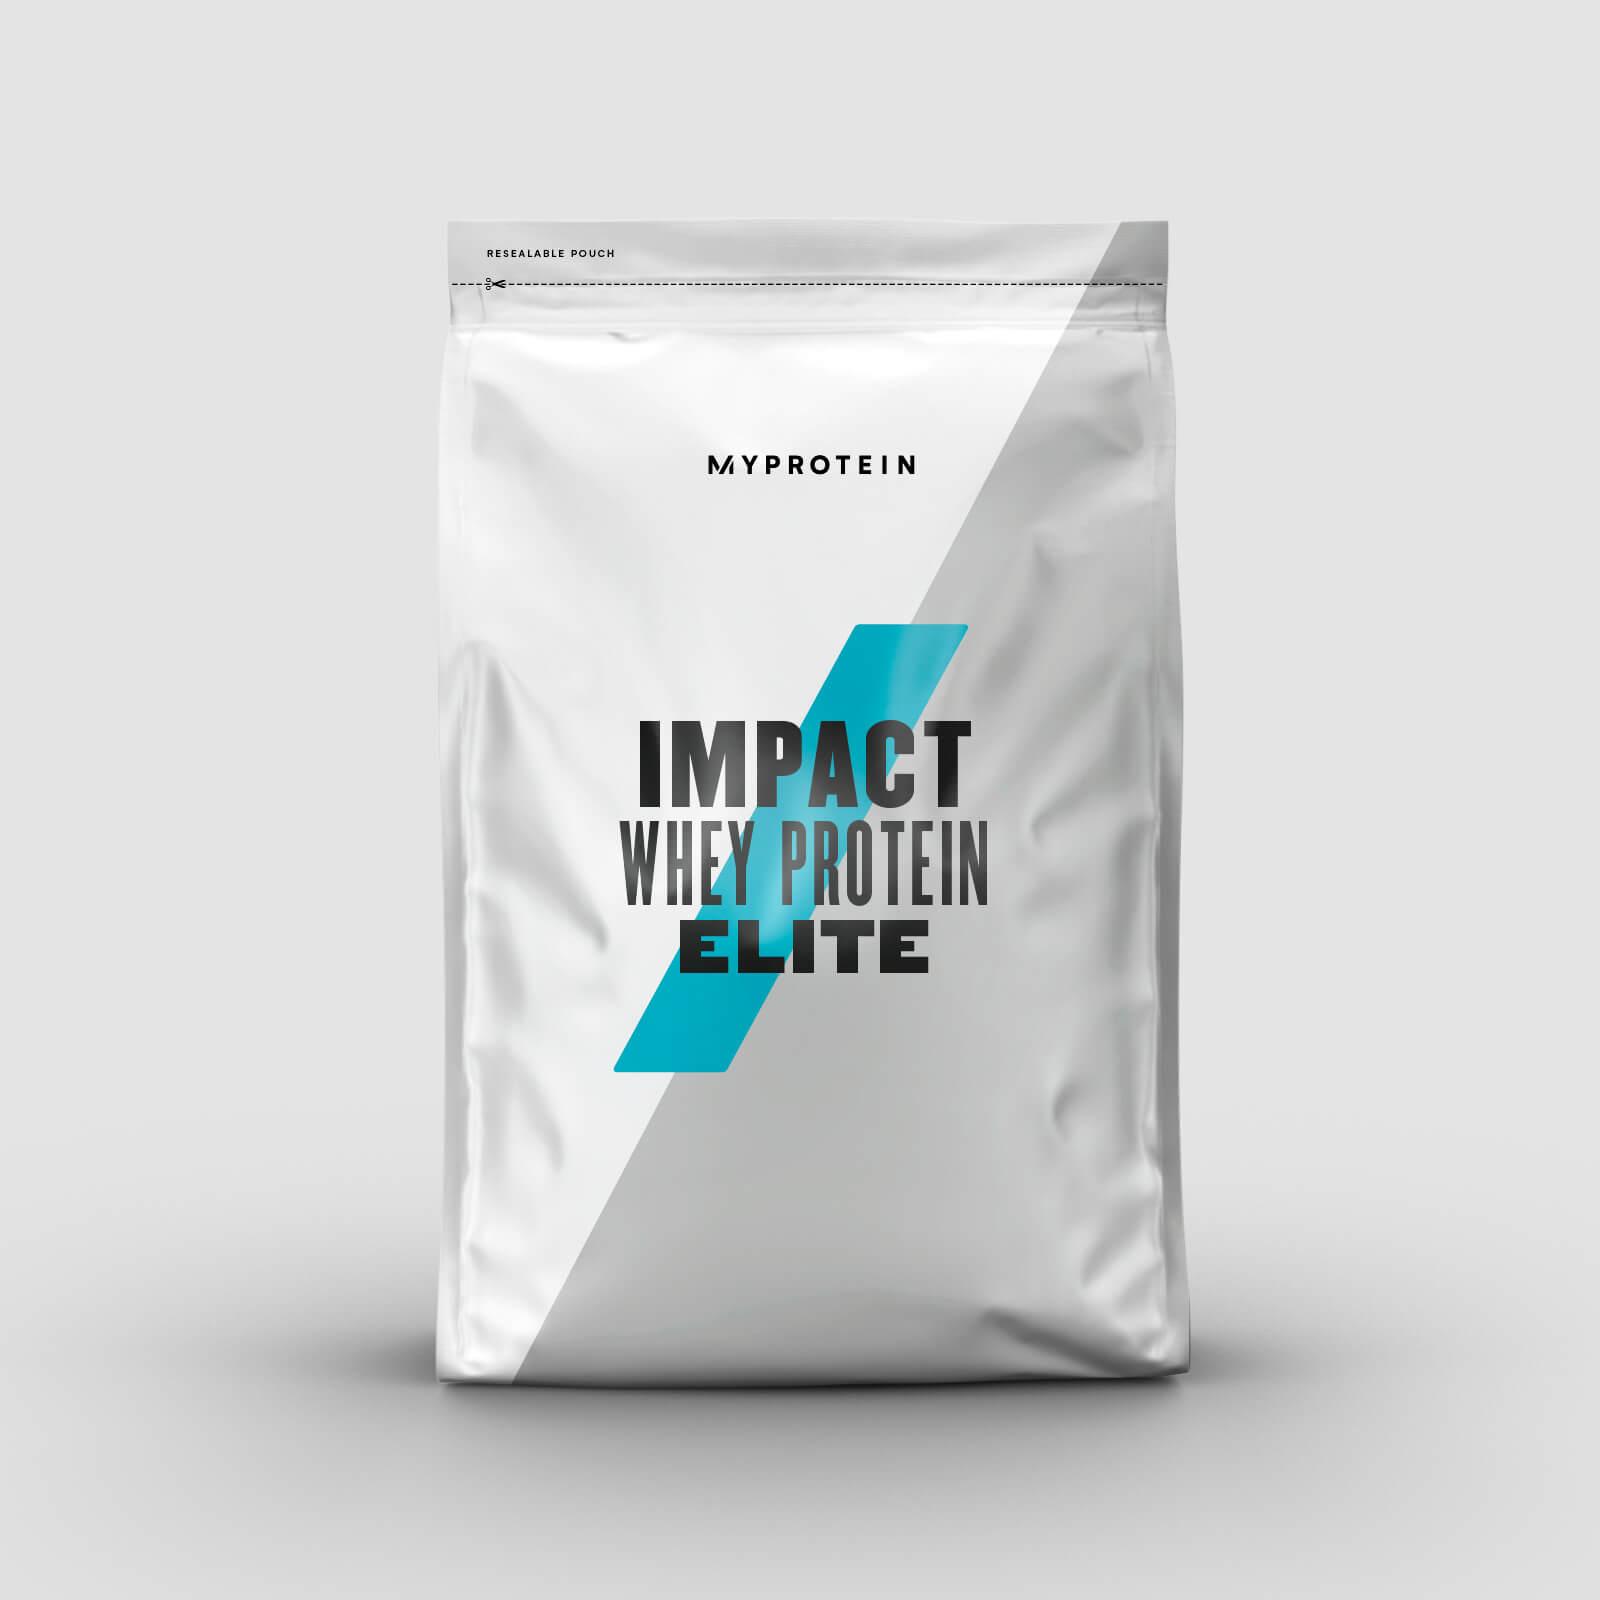 Impact Whey Protein Elite - 2.5kg - Клубника, Myprotein International  - купить со скидкой